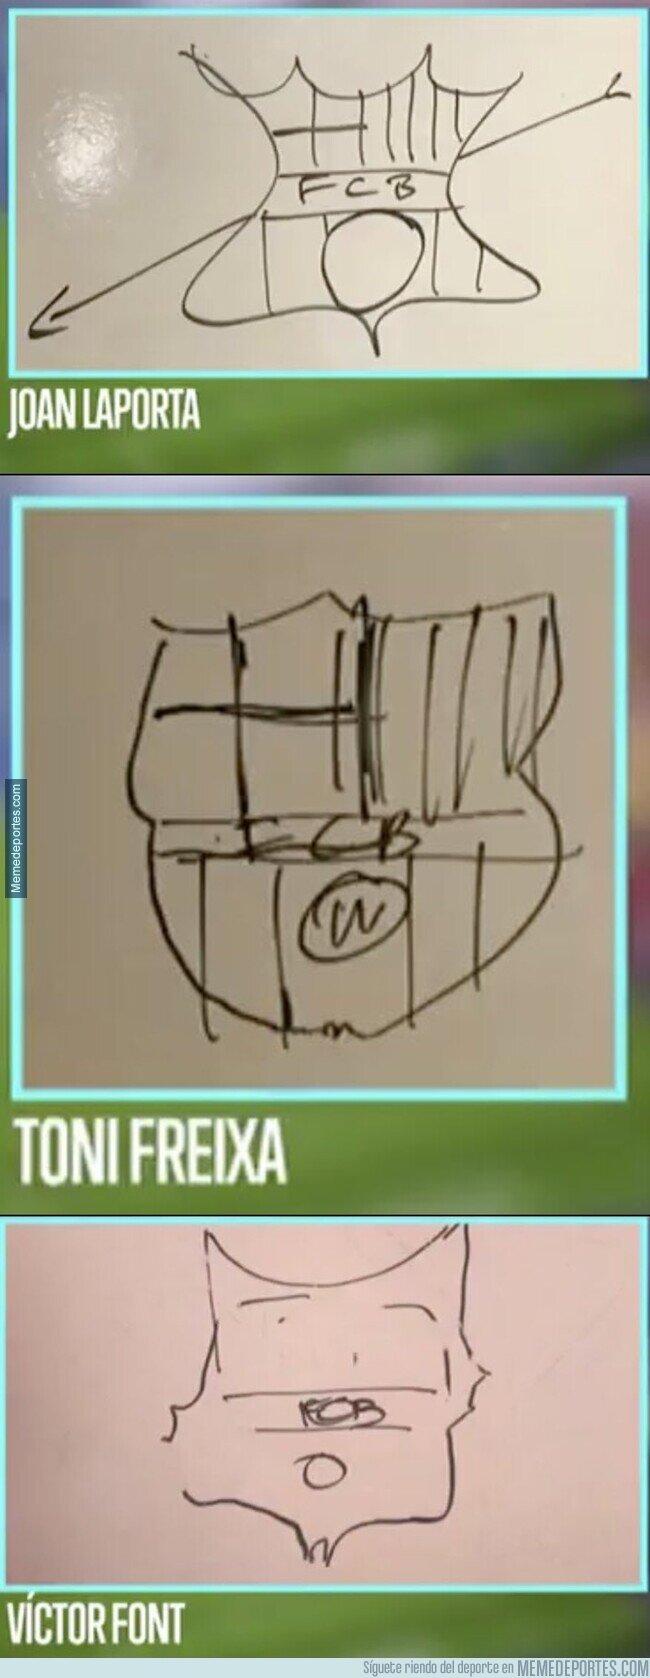 1128714 - Les pidieron a los candidatos del Barça dibujar el escudo del club, y bueno...